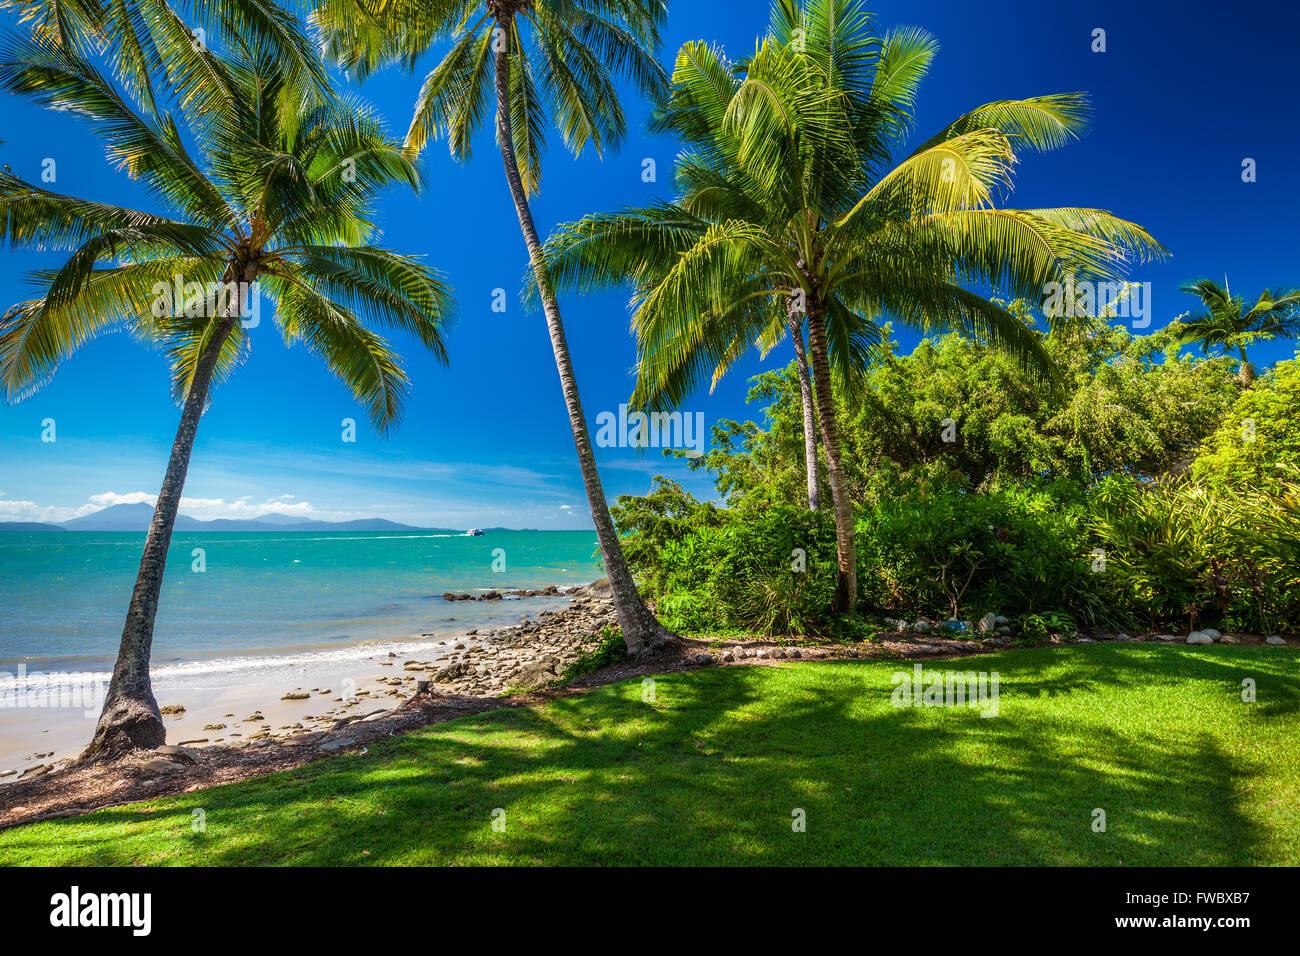 Rex Smeal Park en Port Douglas con palmeras tropicales y beach, Australia Imagen De Stock